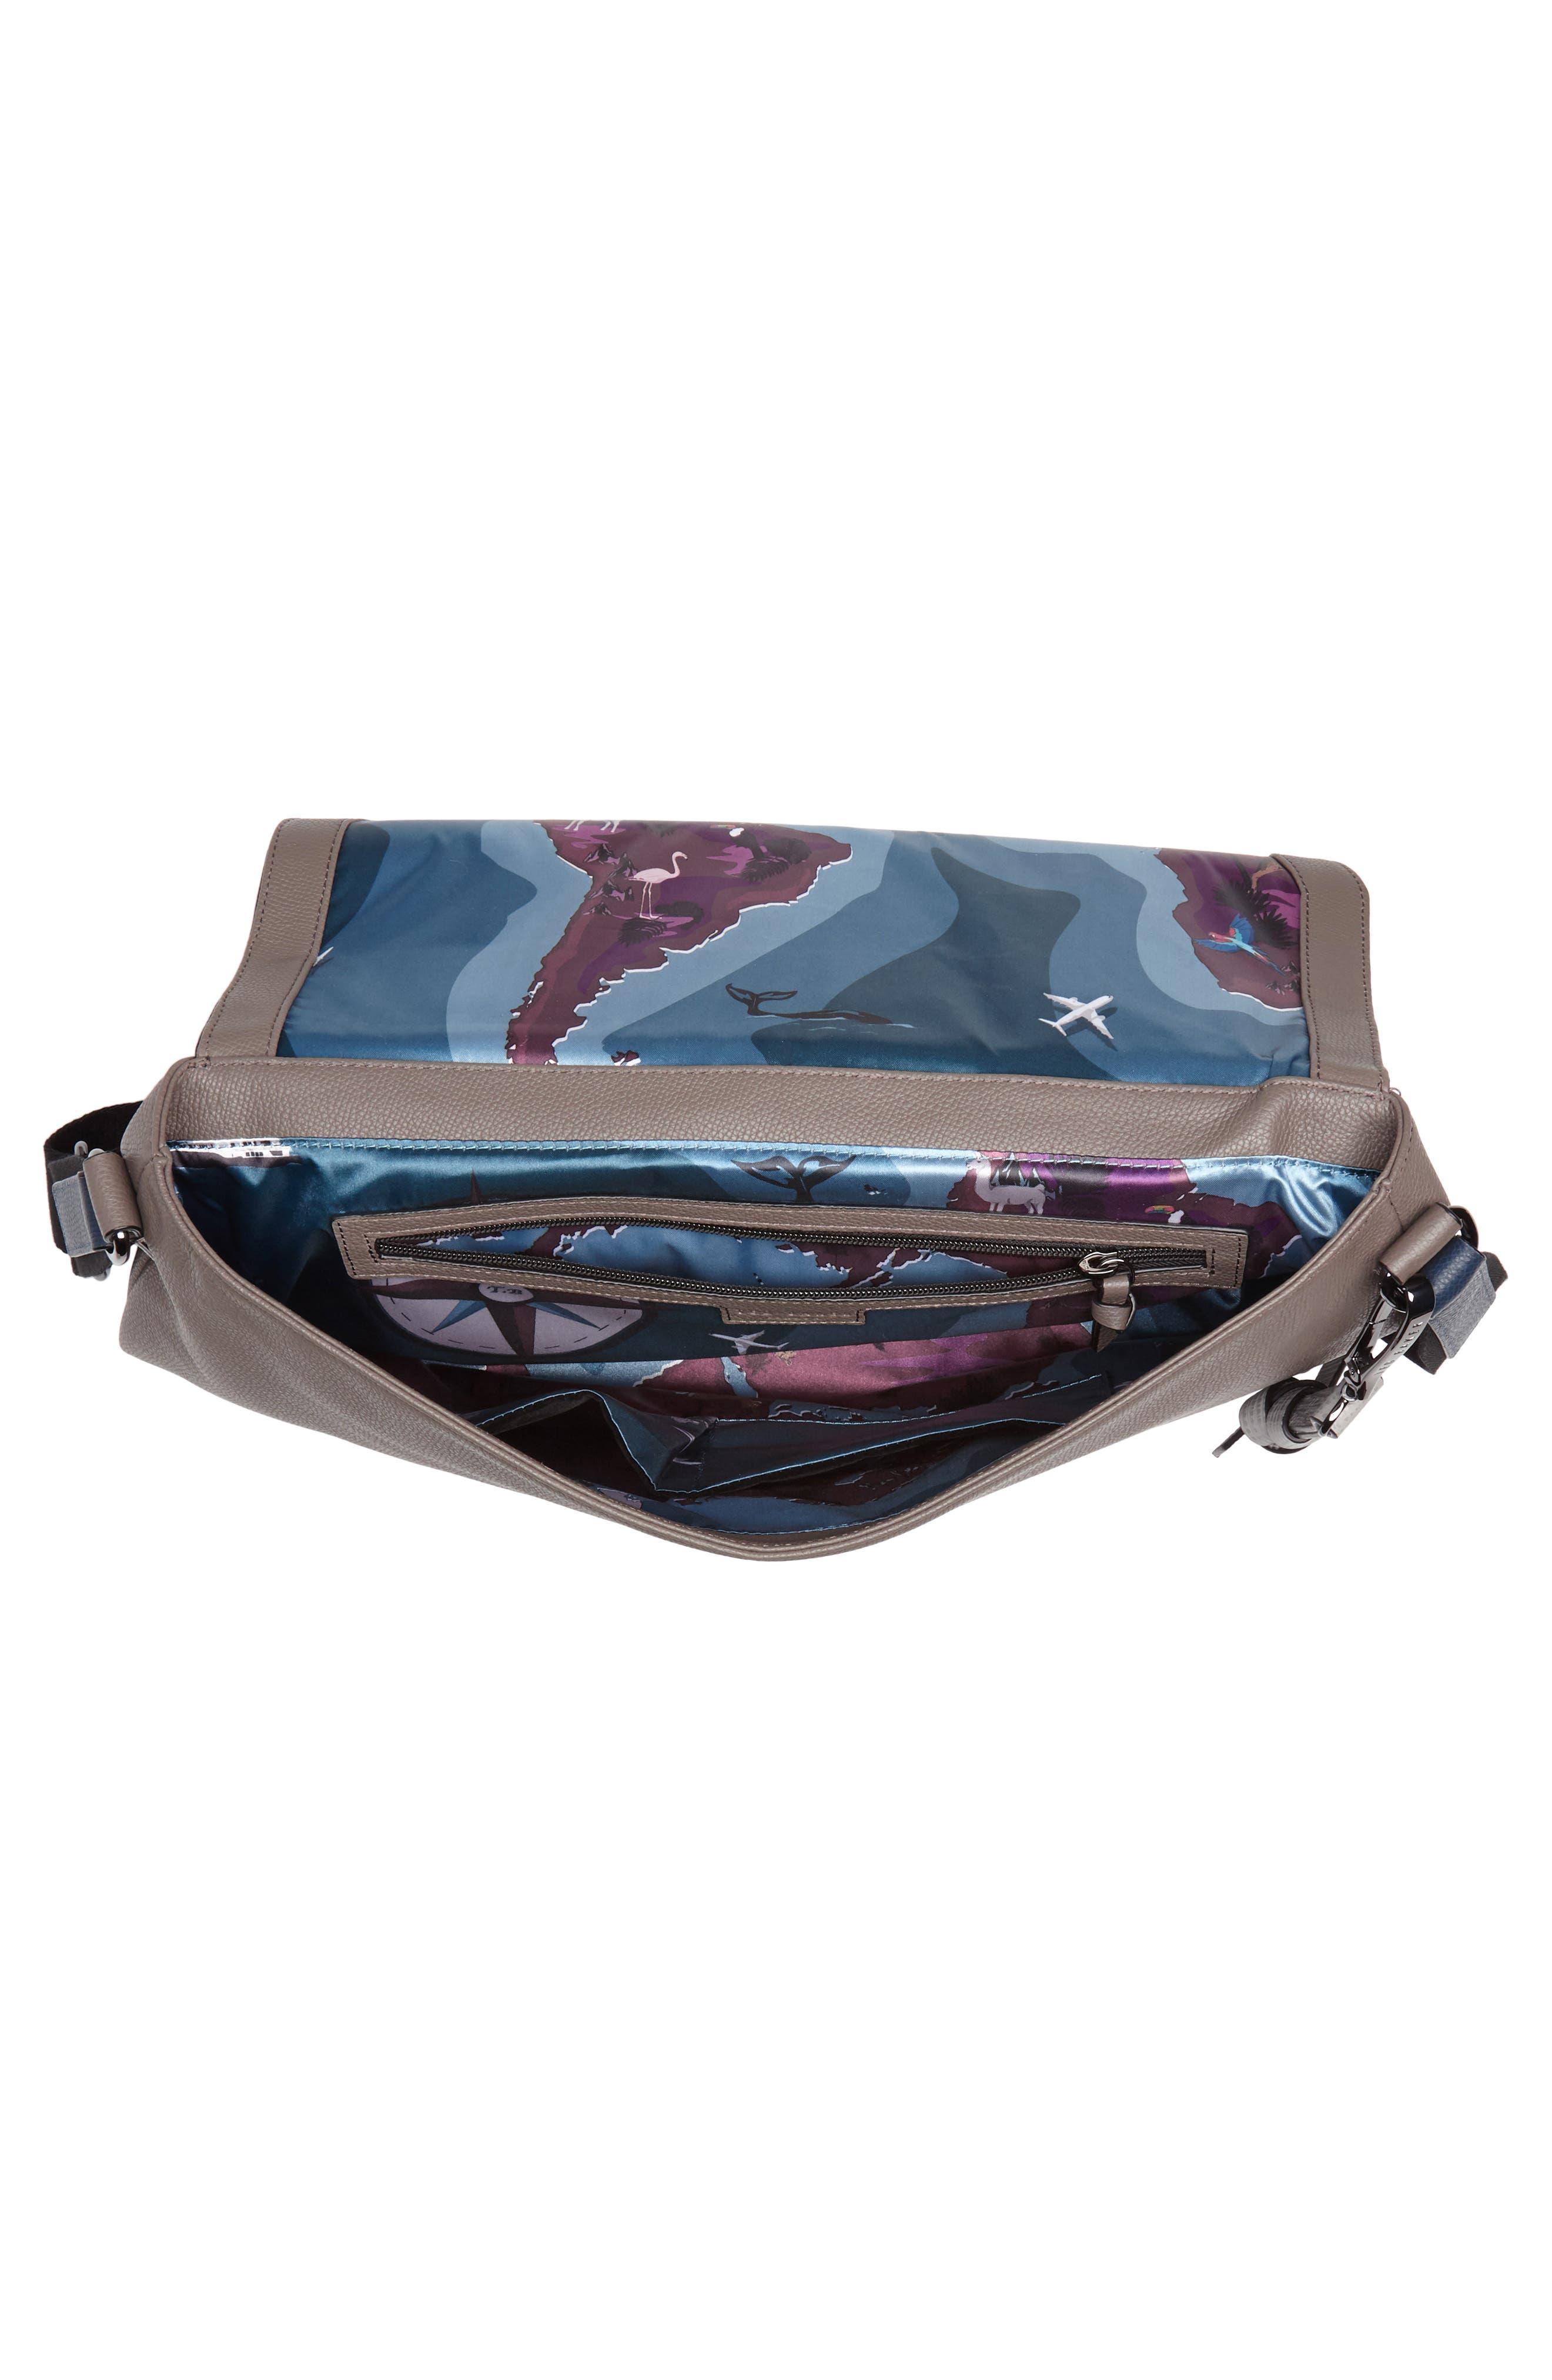 Ted Baker Sandune Leather Messenger Bag,                             Alternate thumbnail 4, color,                             030